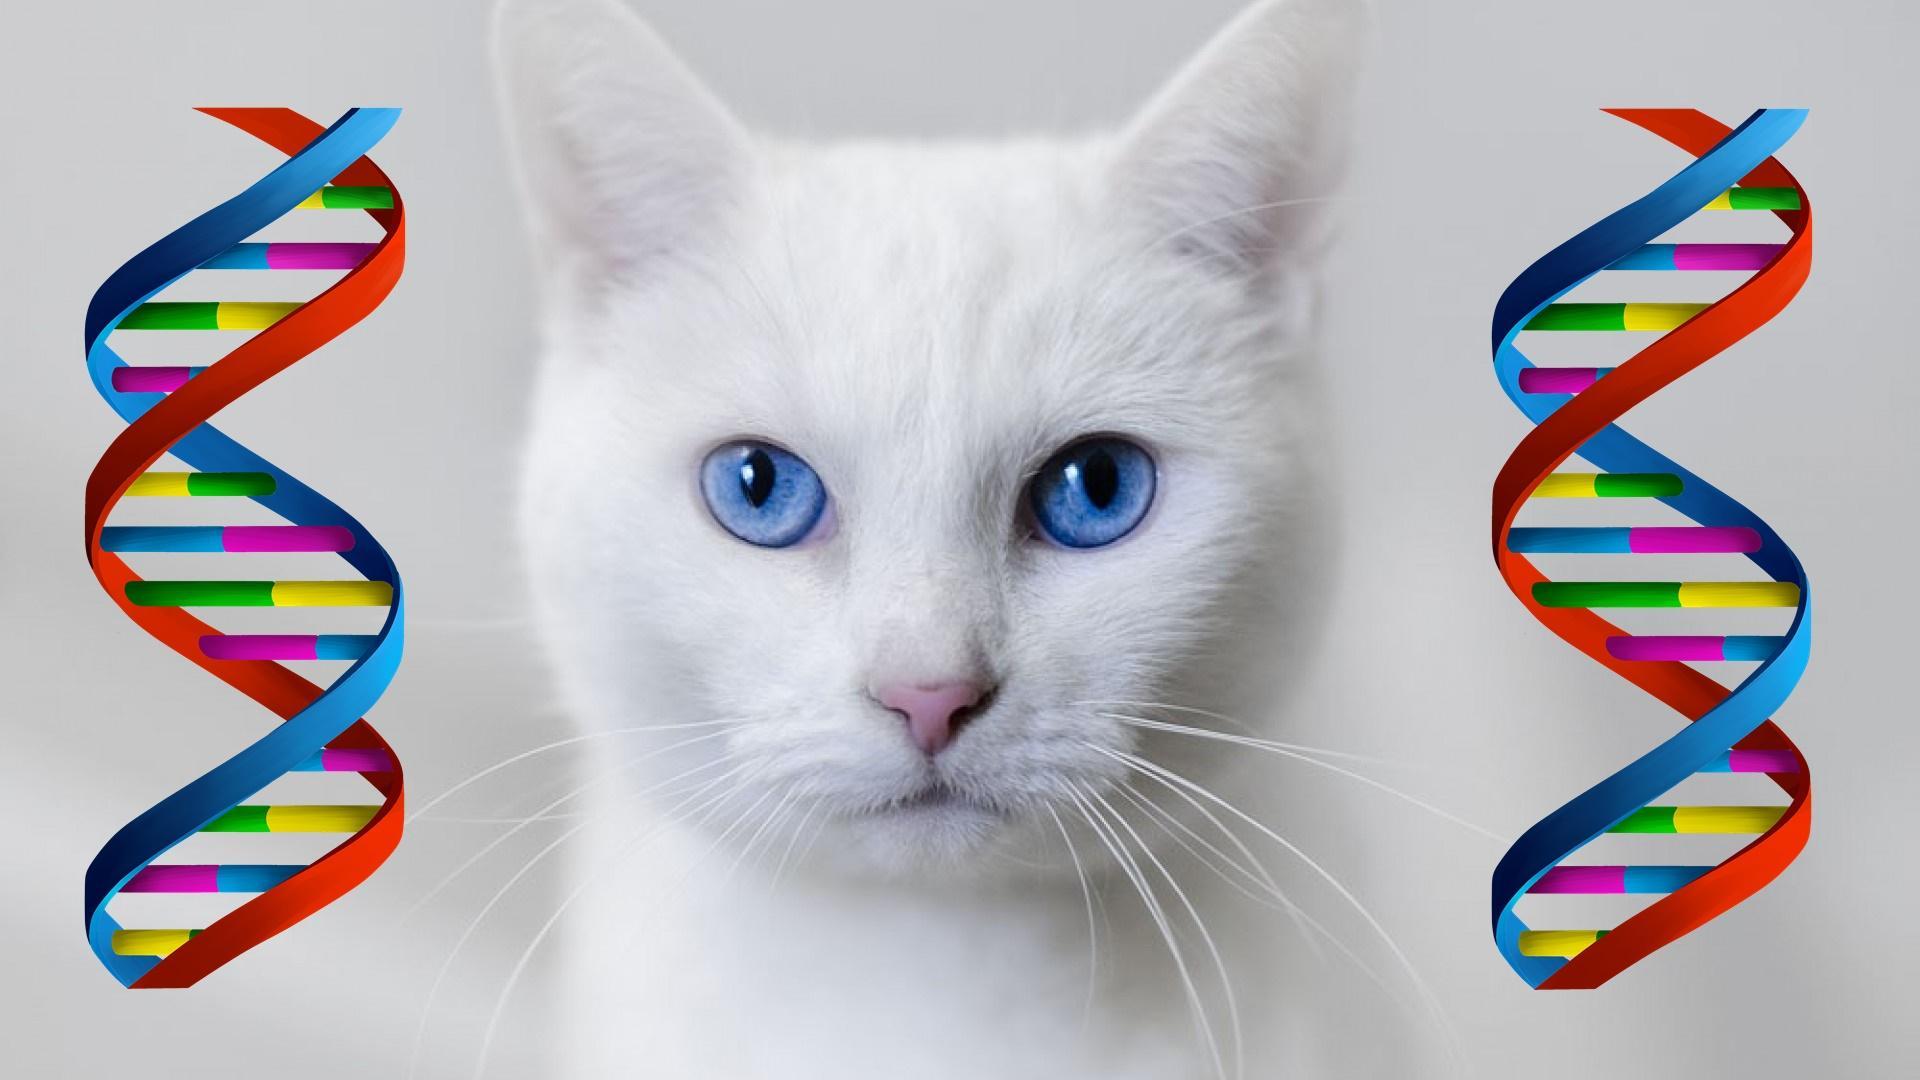 Bir kedi için pirelerden çok iyi düşüyor musun